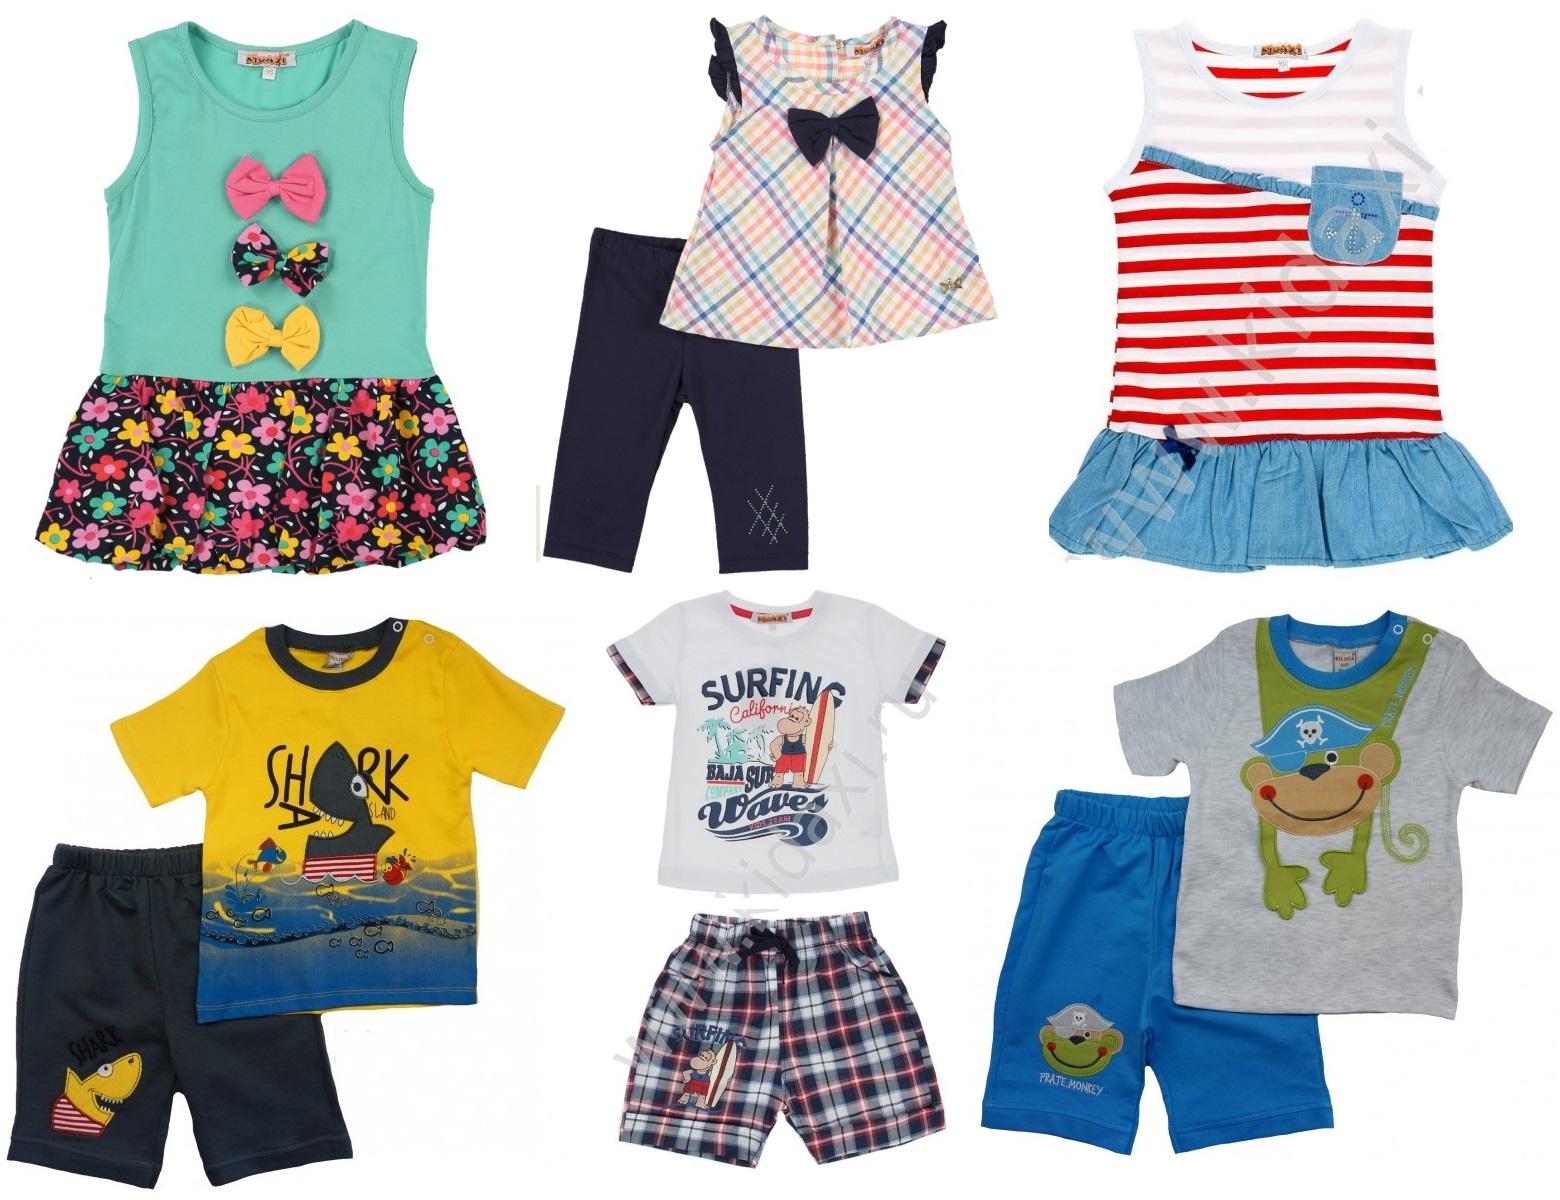 РАСПРОДАЖА! Самые красивые летние платья для наших принцесс и классные костюмчики для мальчуганов!! Лучшее из Турции!